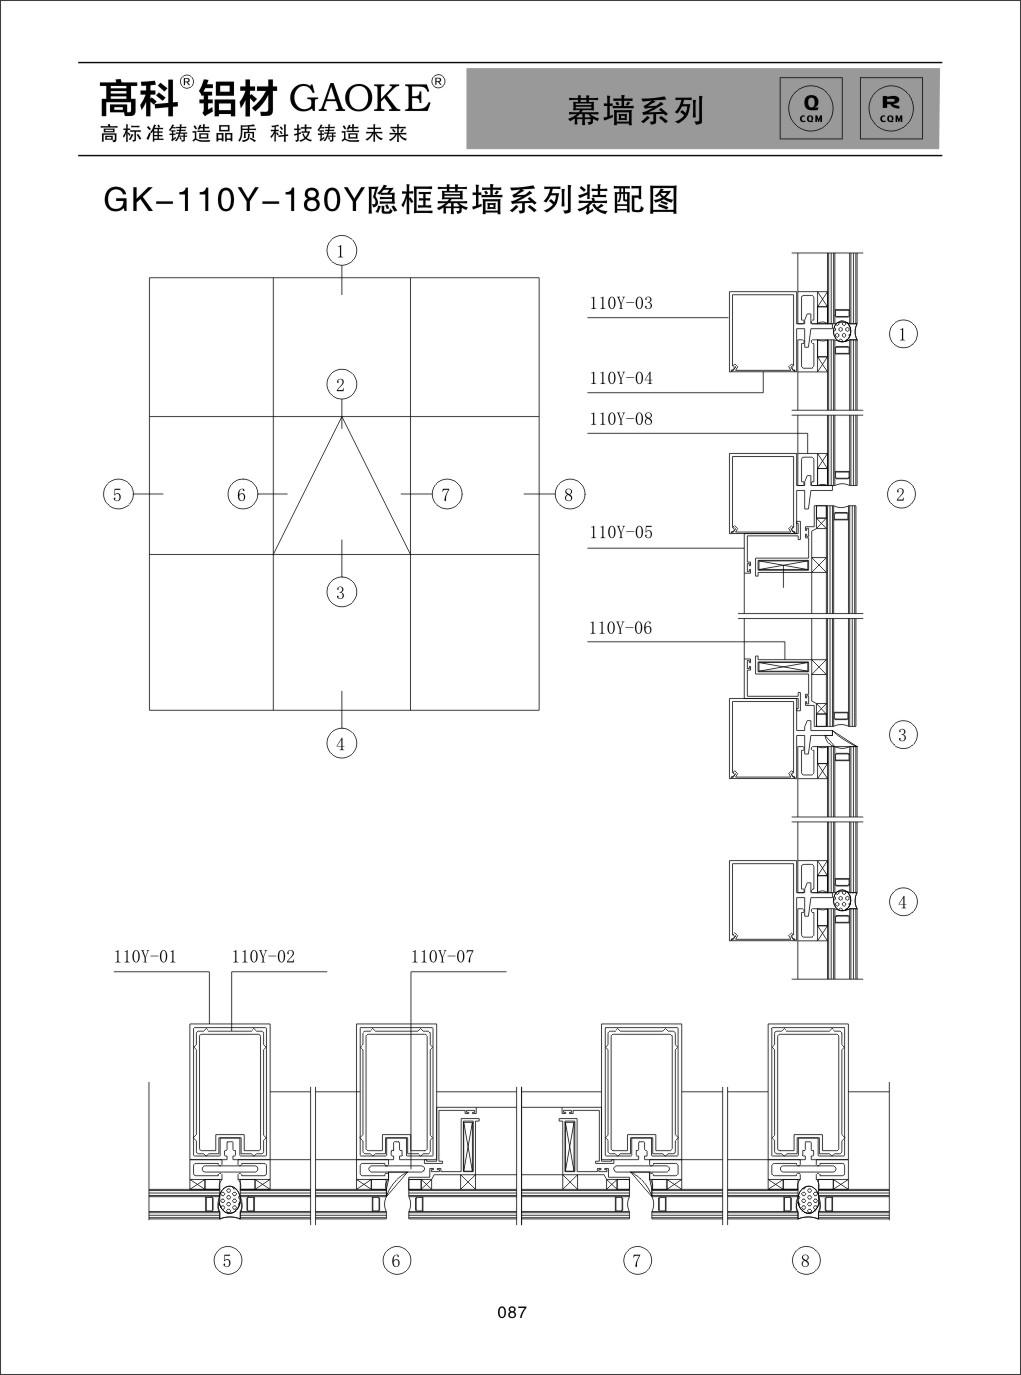 GK-110Y-180Y隐框幕墙系列装配图